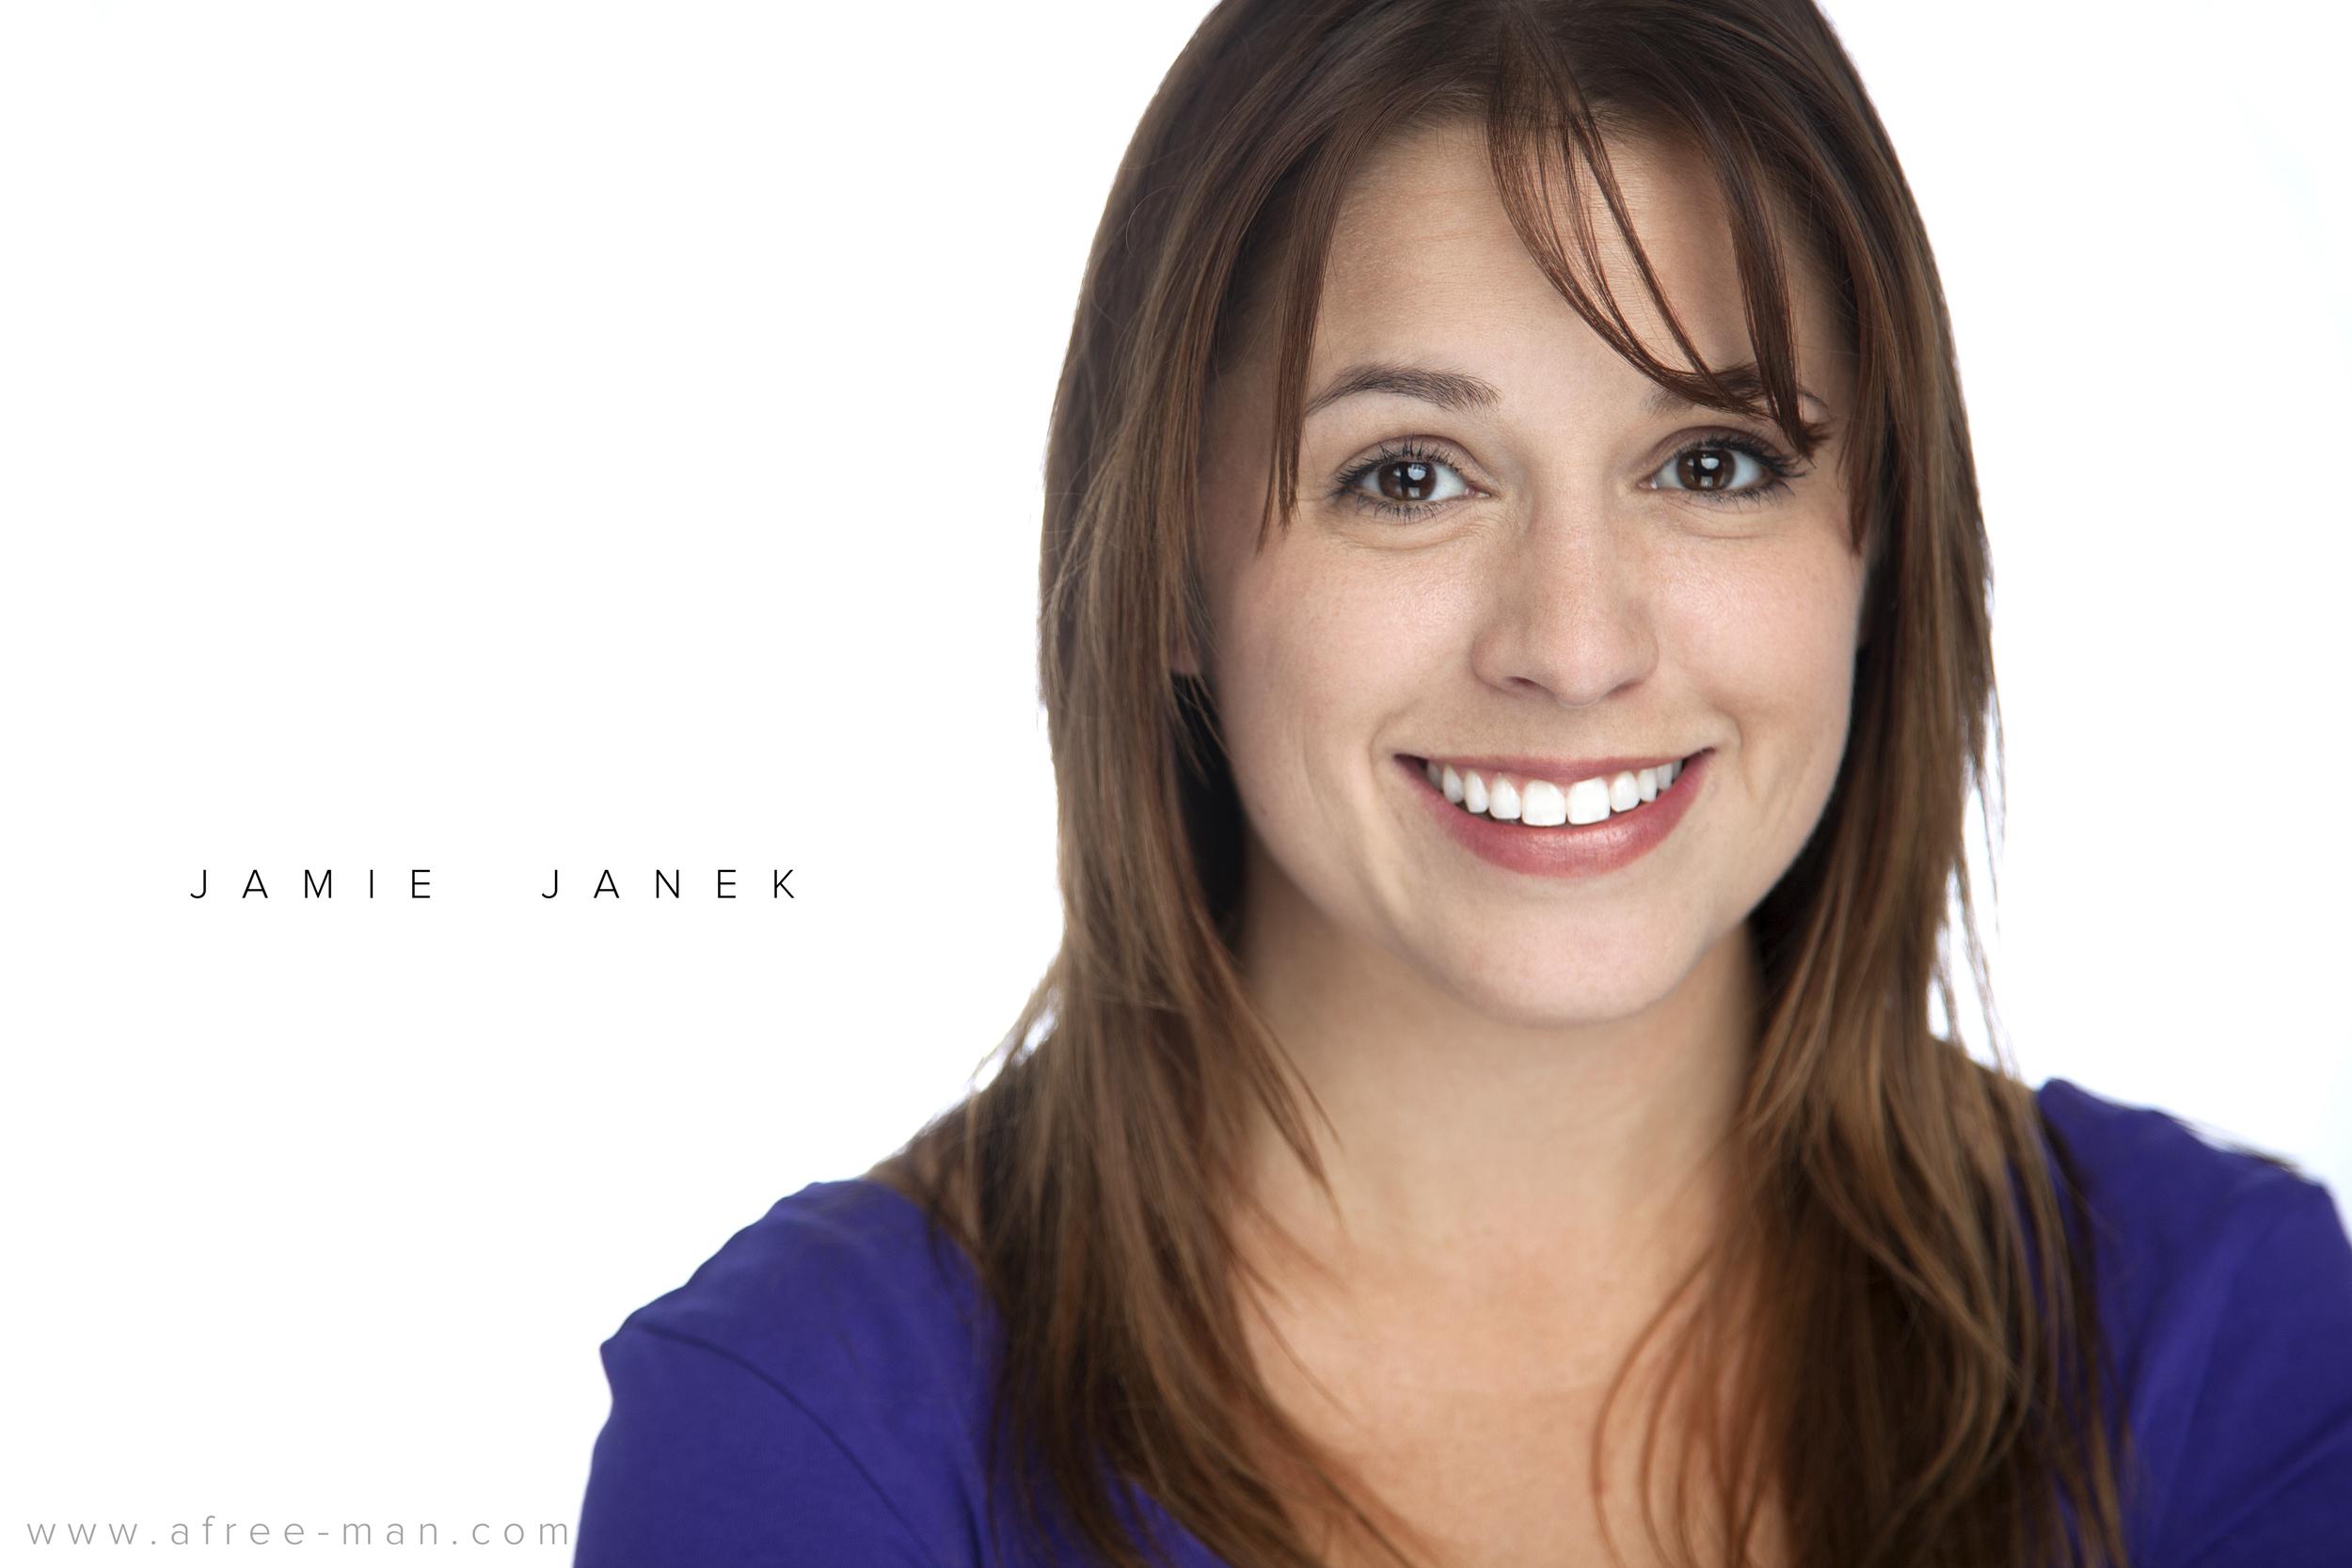 Jamie Janek